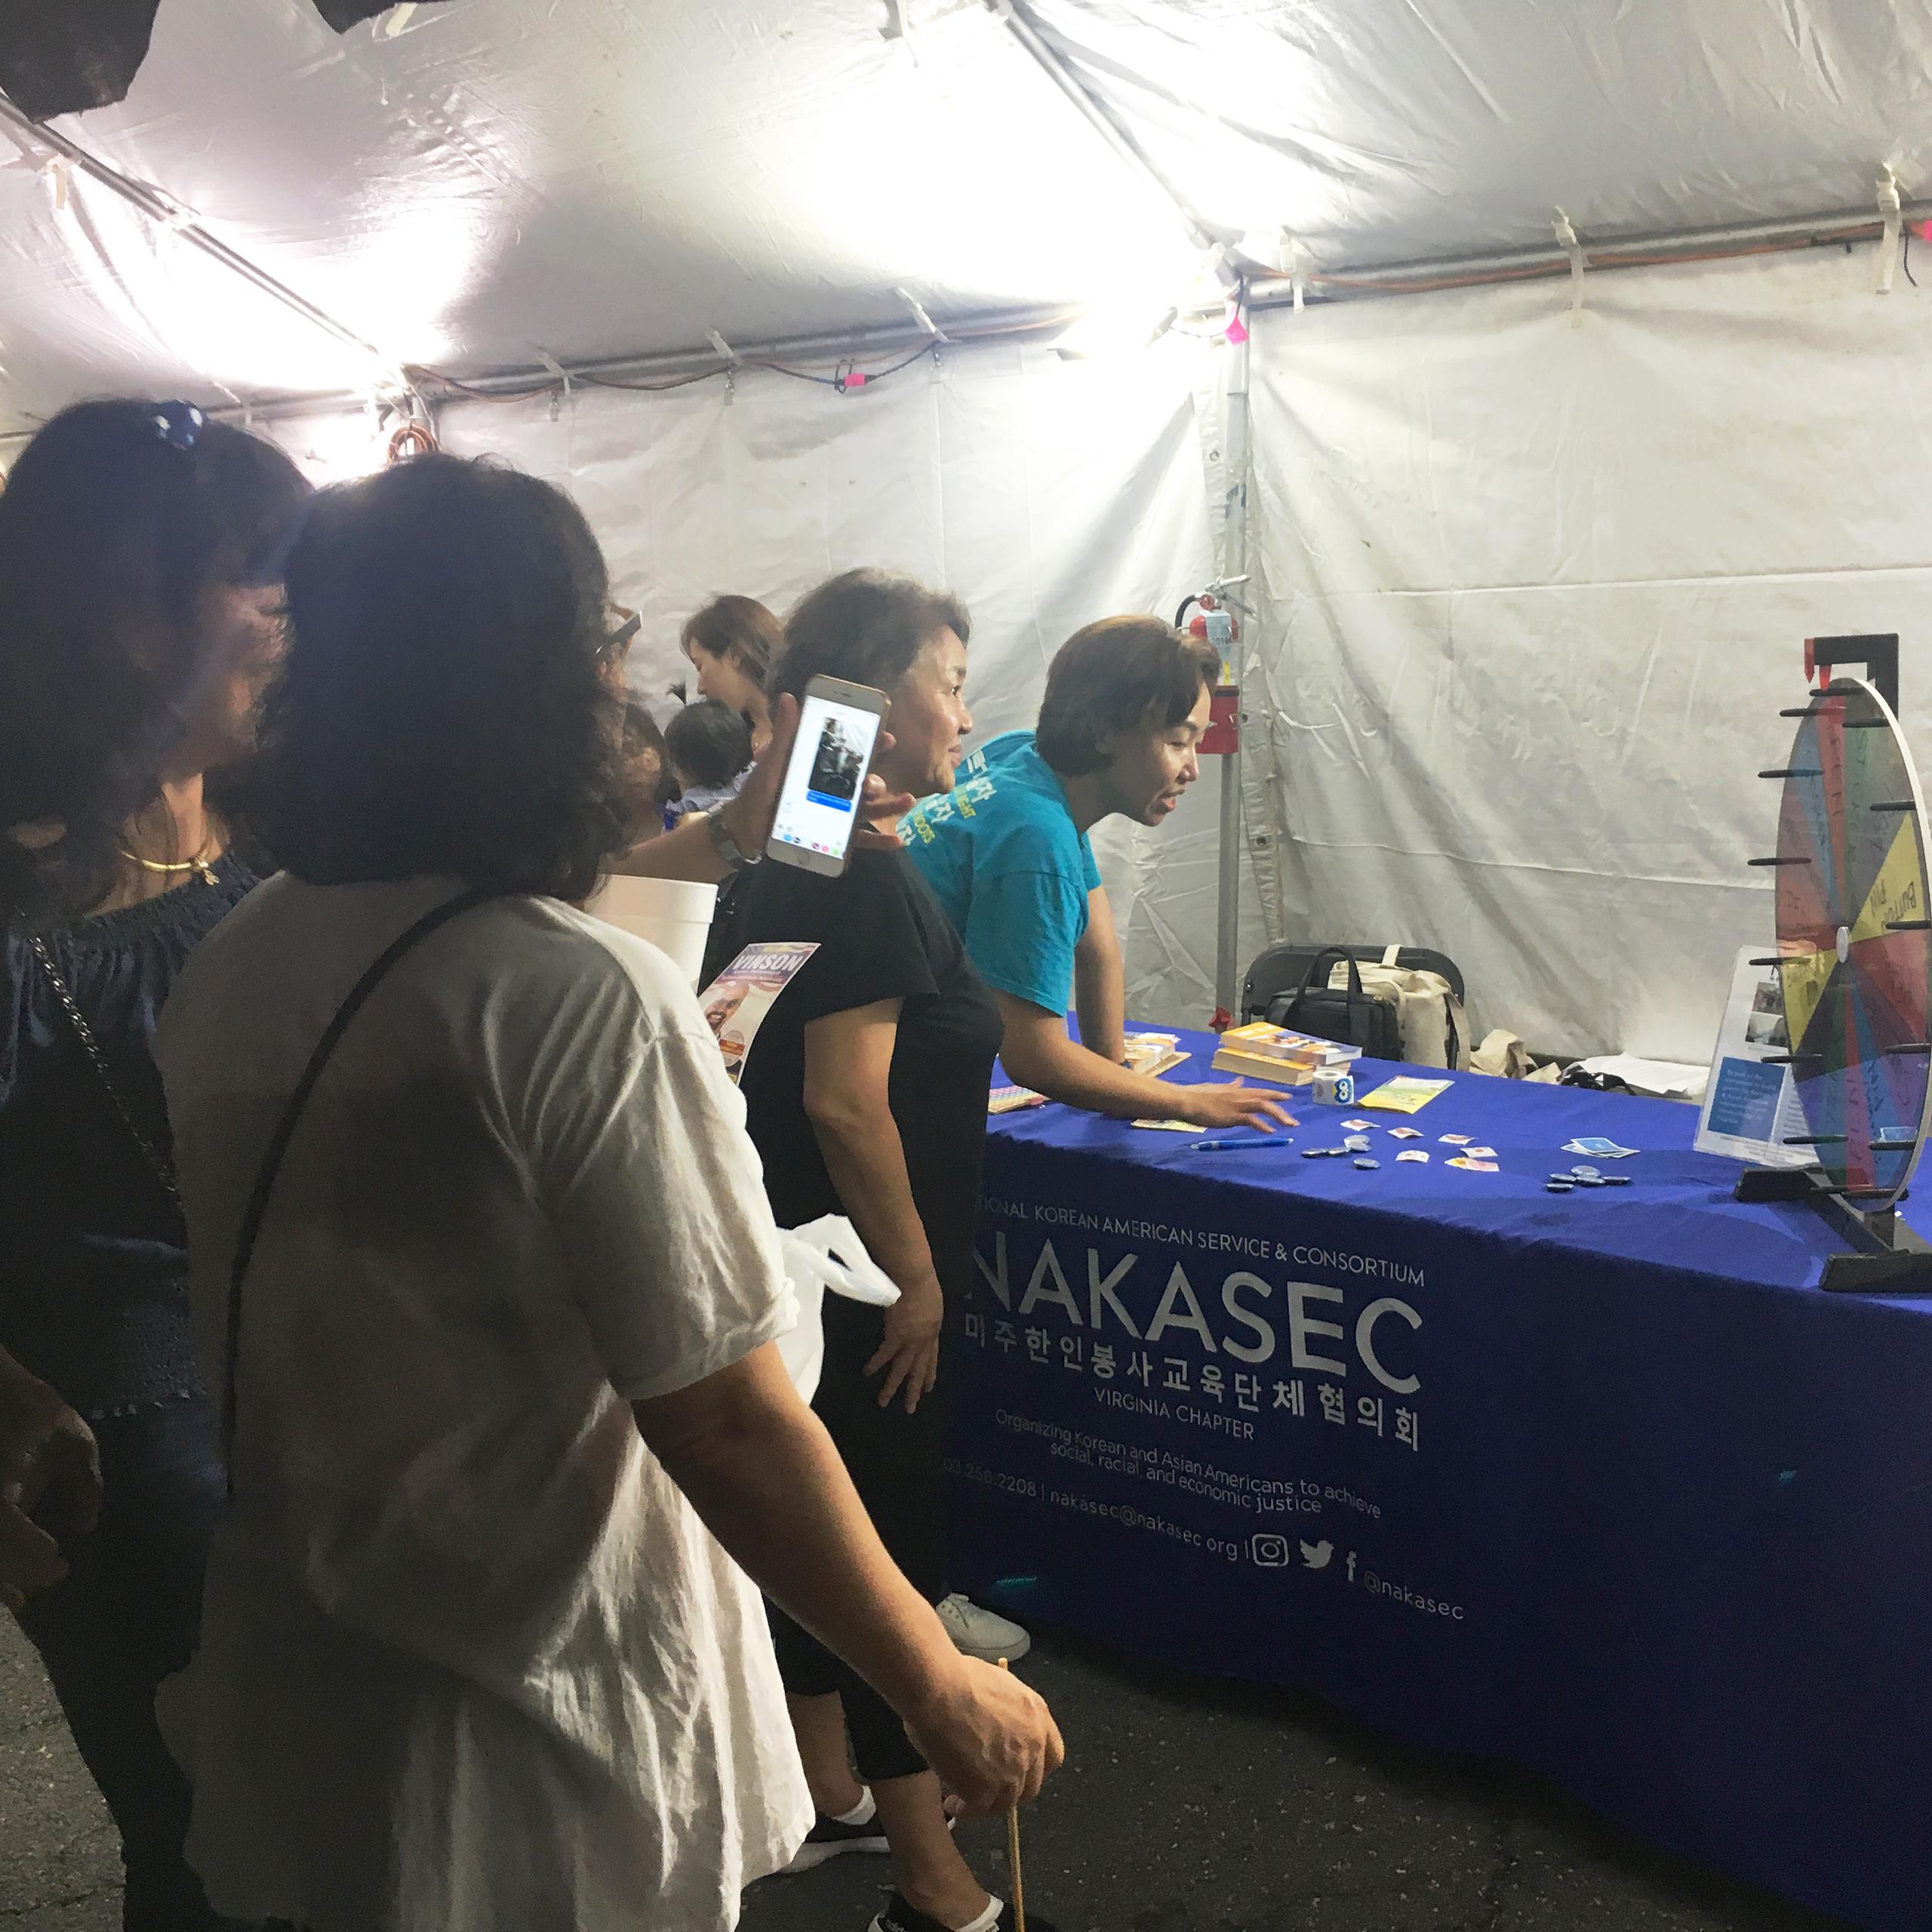 NAKASEC VA tabling about 2020 Census at KorUS